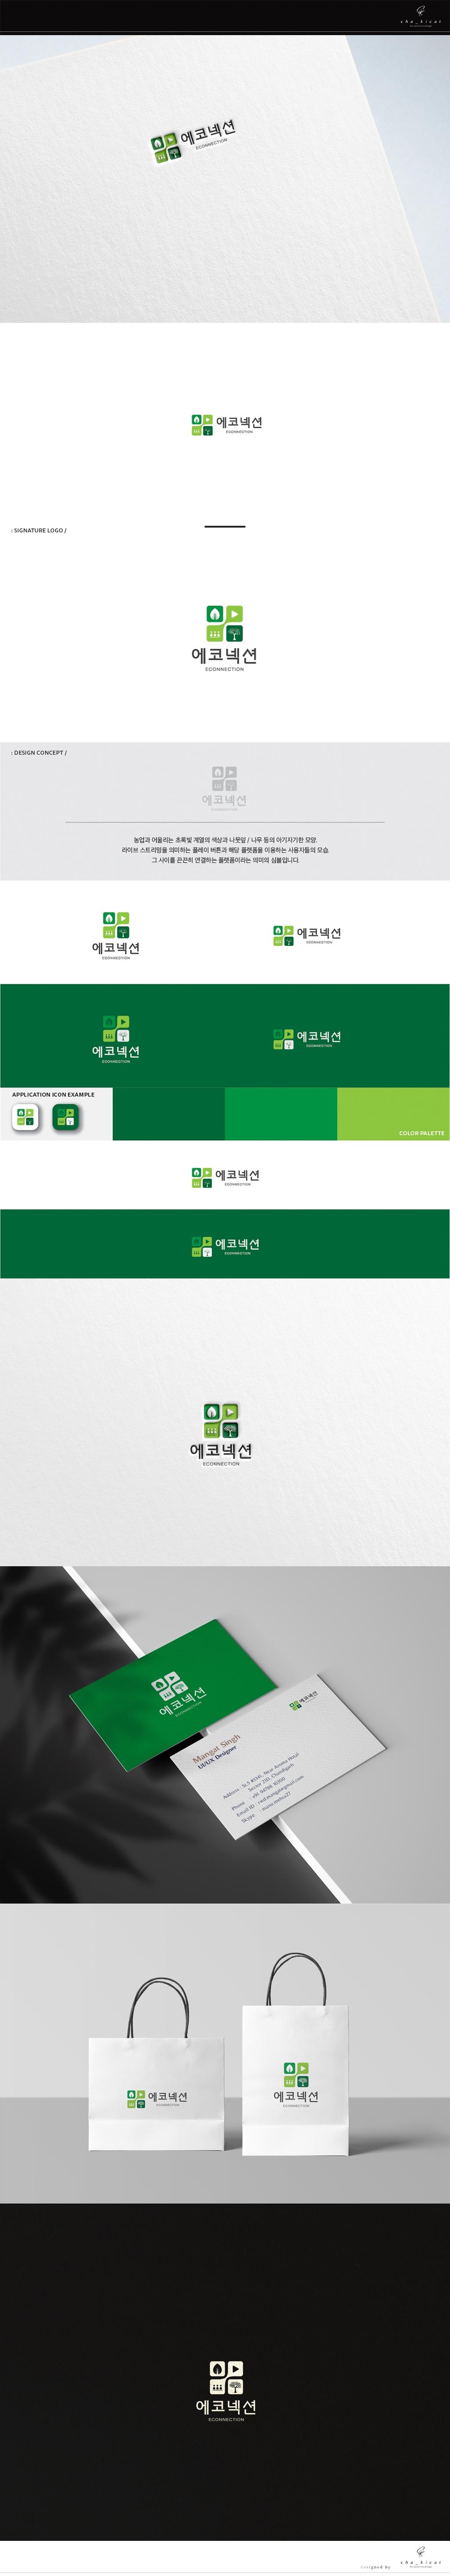 로고 디자인 | 플랫폼회사 로고 디자인 의뢰 | 라우드소싱 포트폴리오